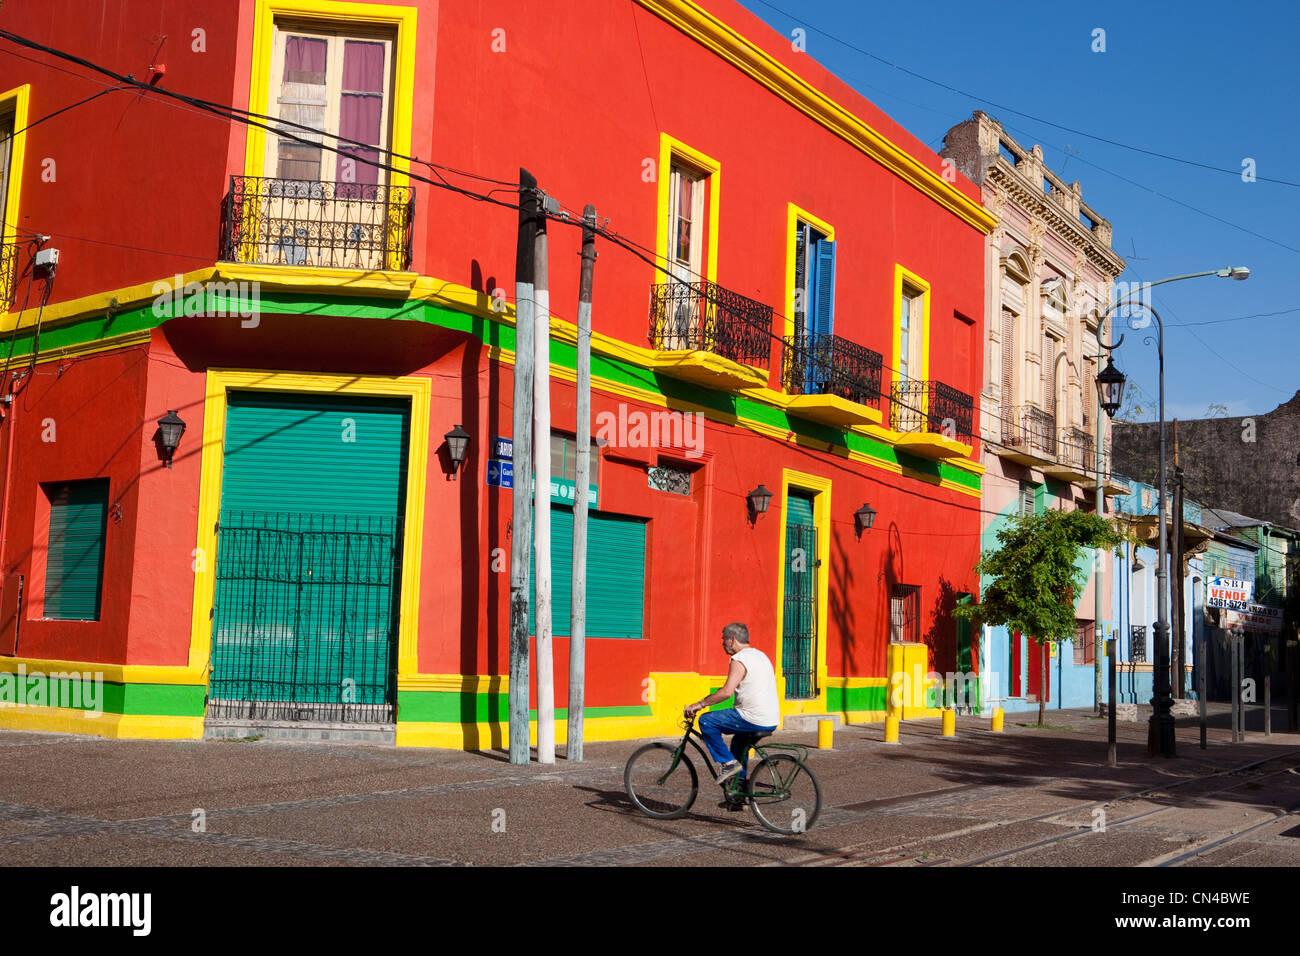 תוצאת תמונה עבור garibaldi street buenos aires argentina